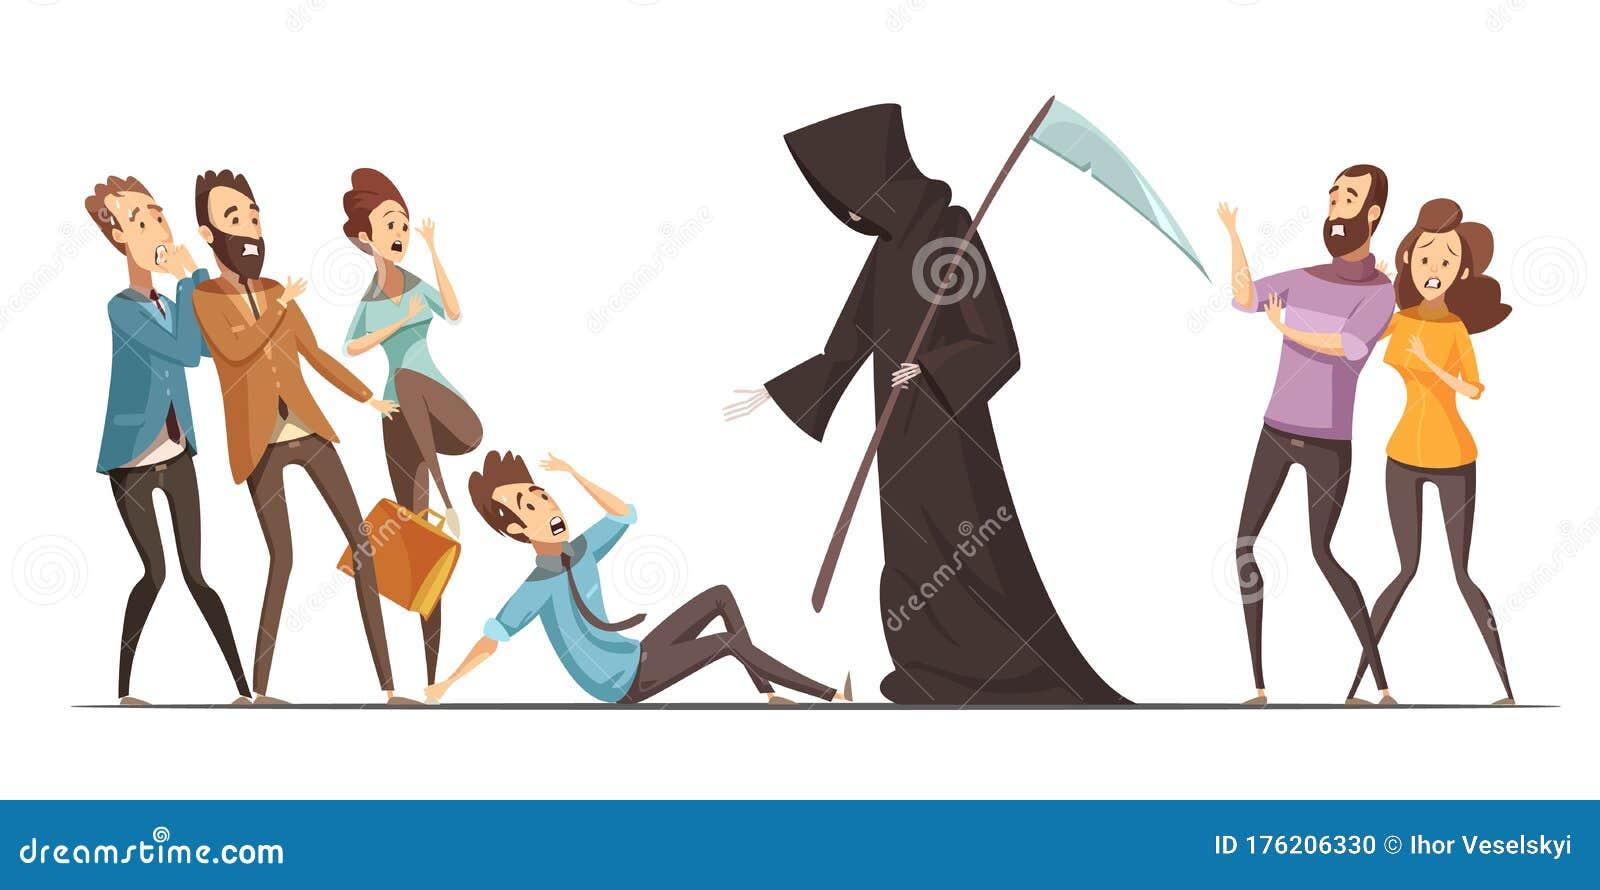 Death Fear Phobia Anxiety Cartoon Composition Stock Vector ...